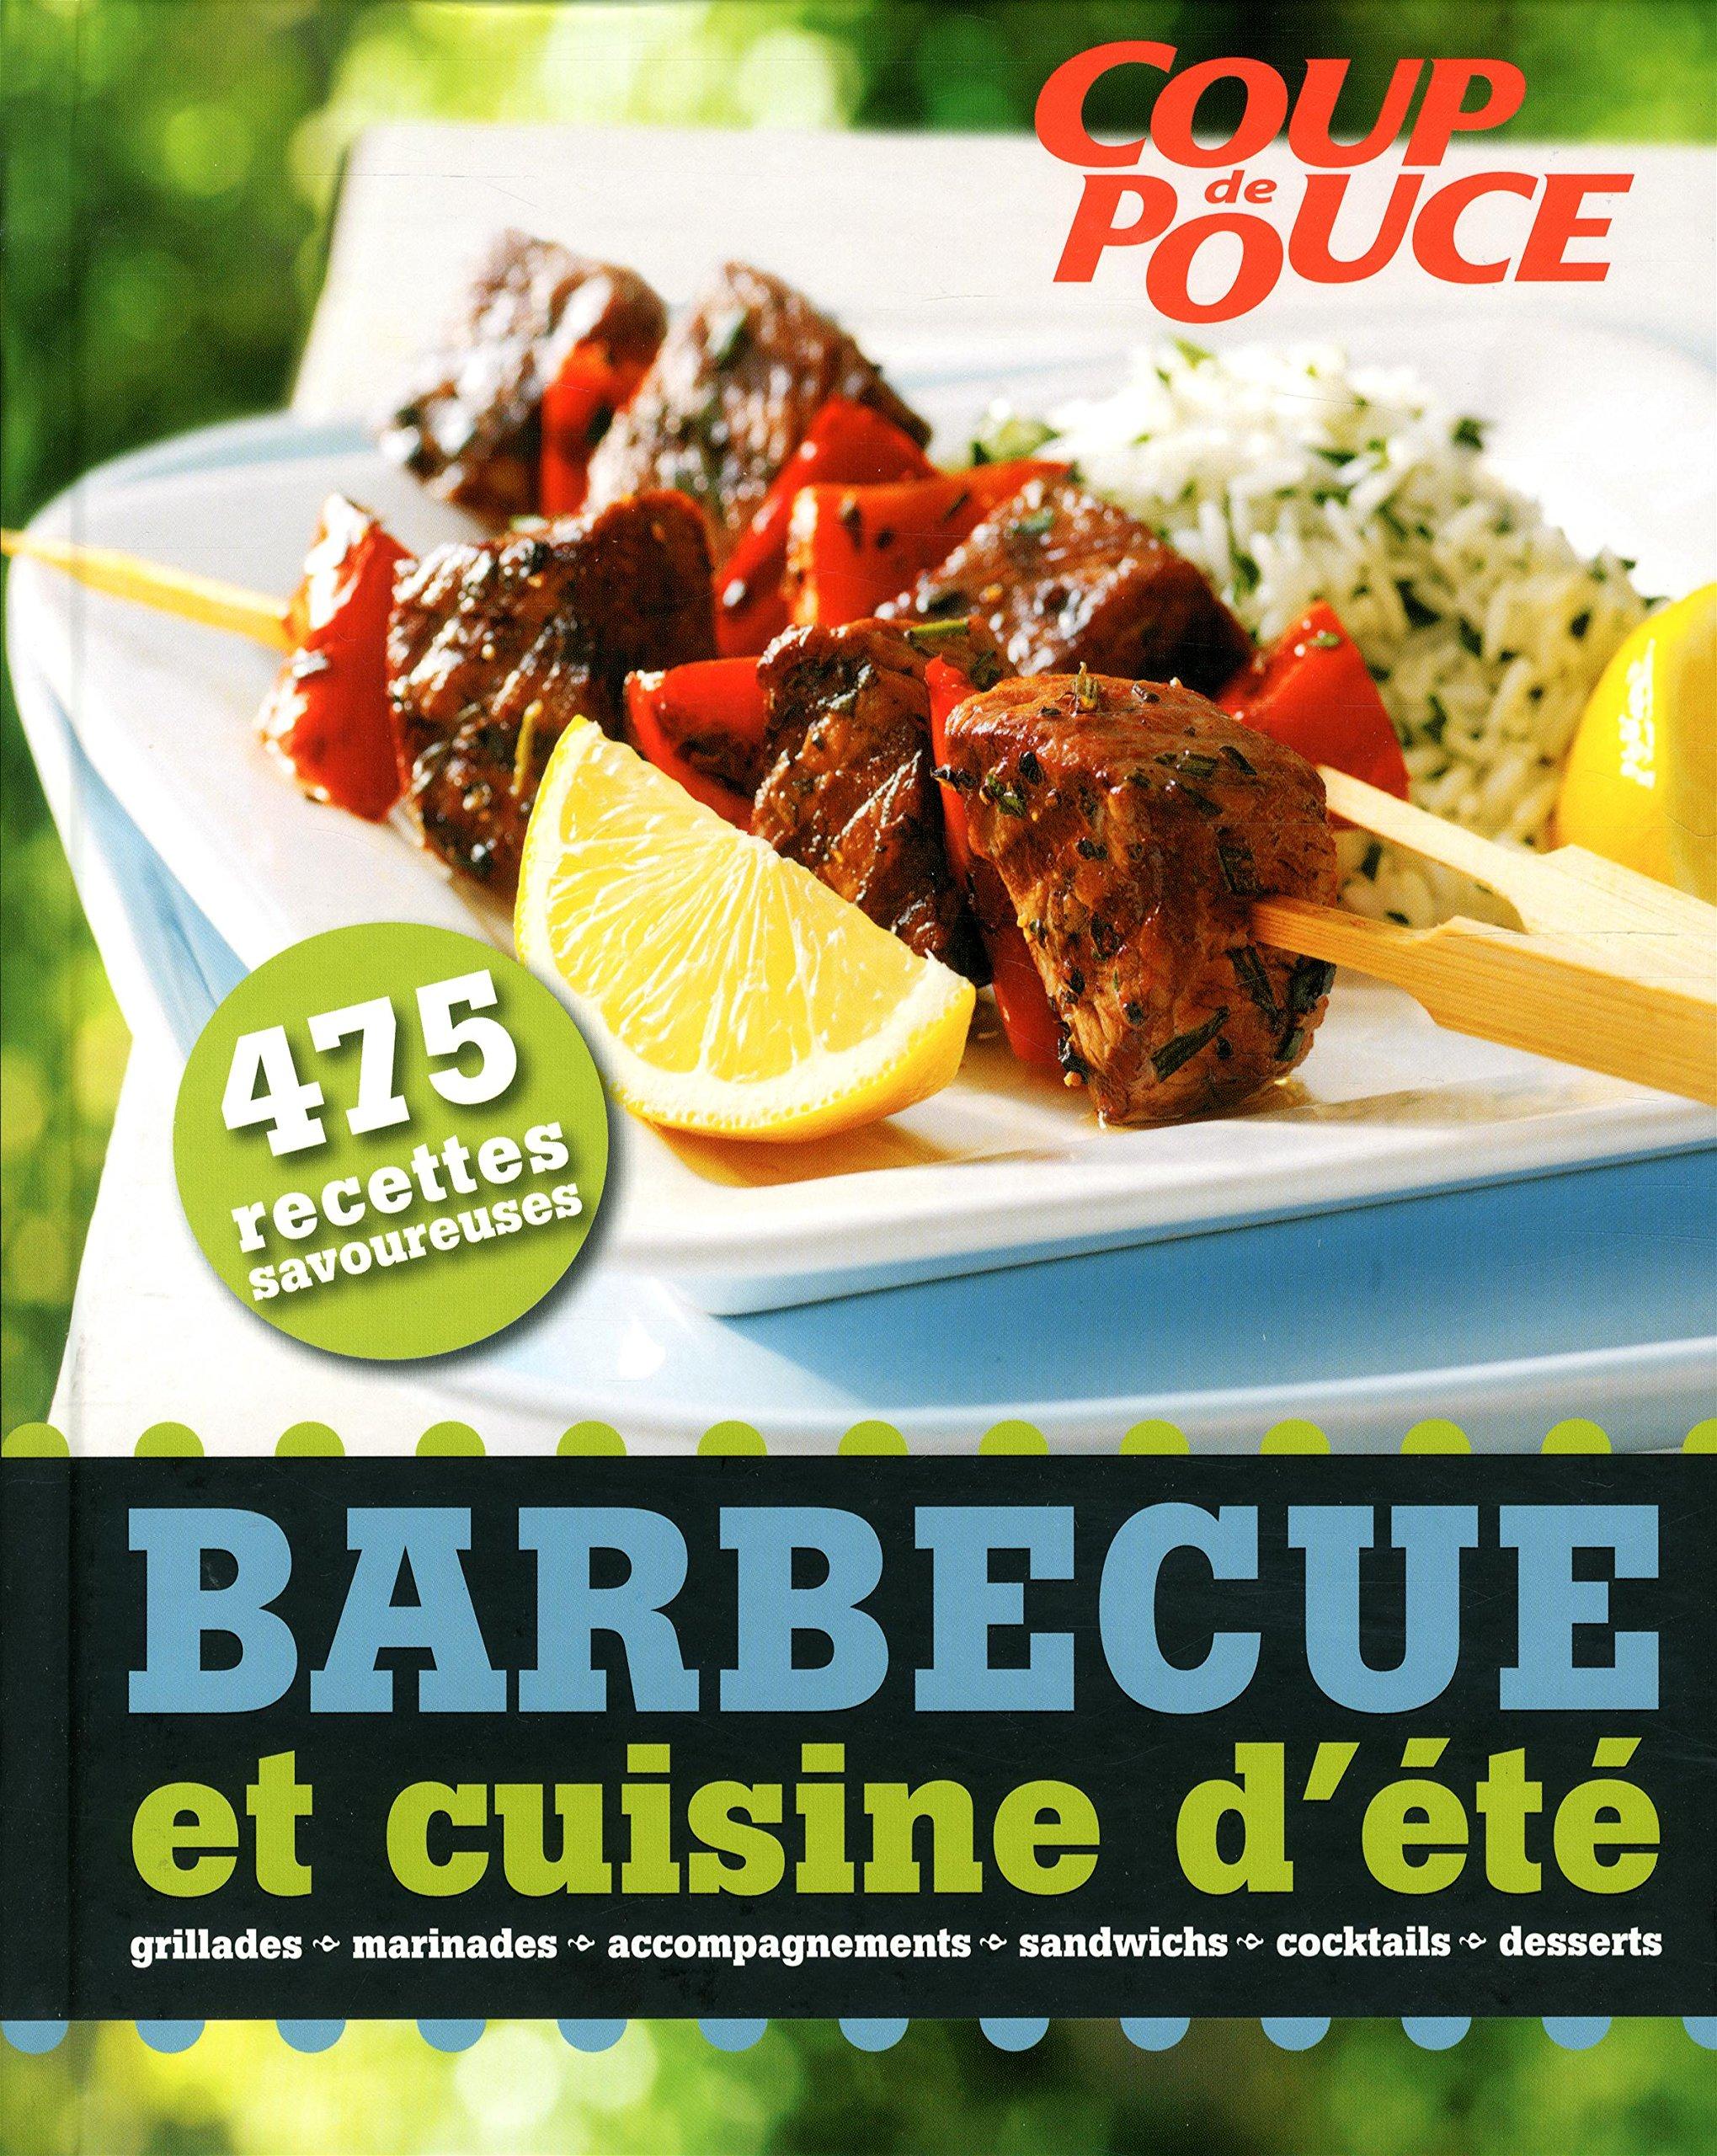 Barbecue Et Cuisine D Ete 475 Recettes Savoureuses Amazon Ca